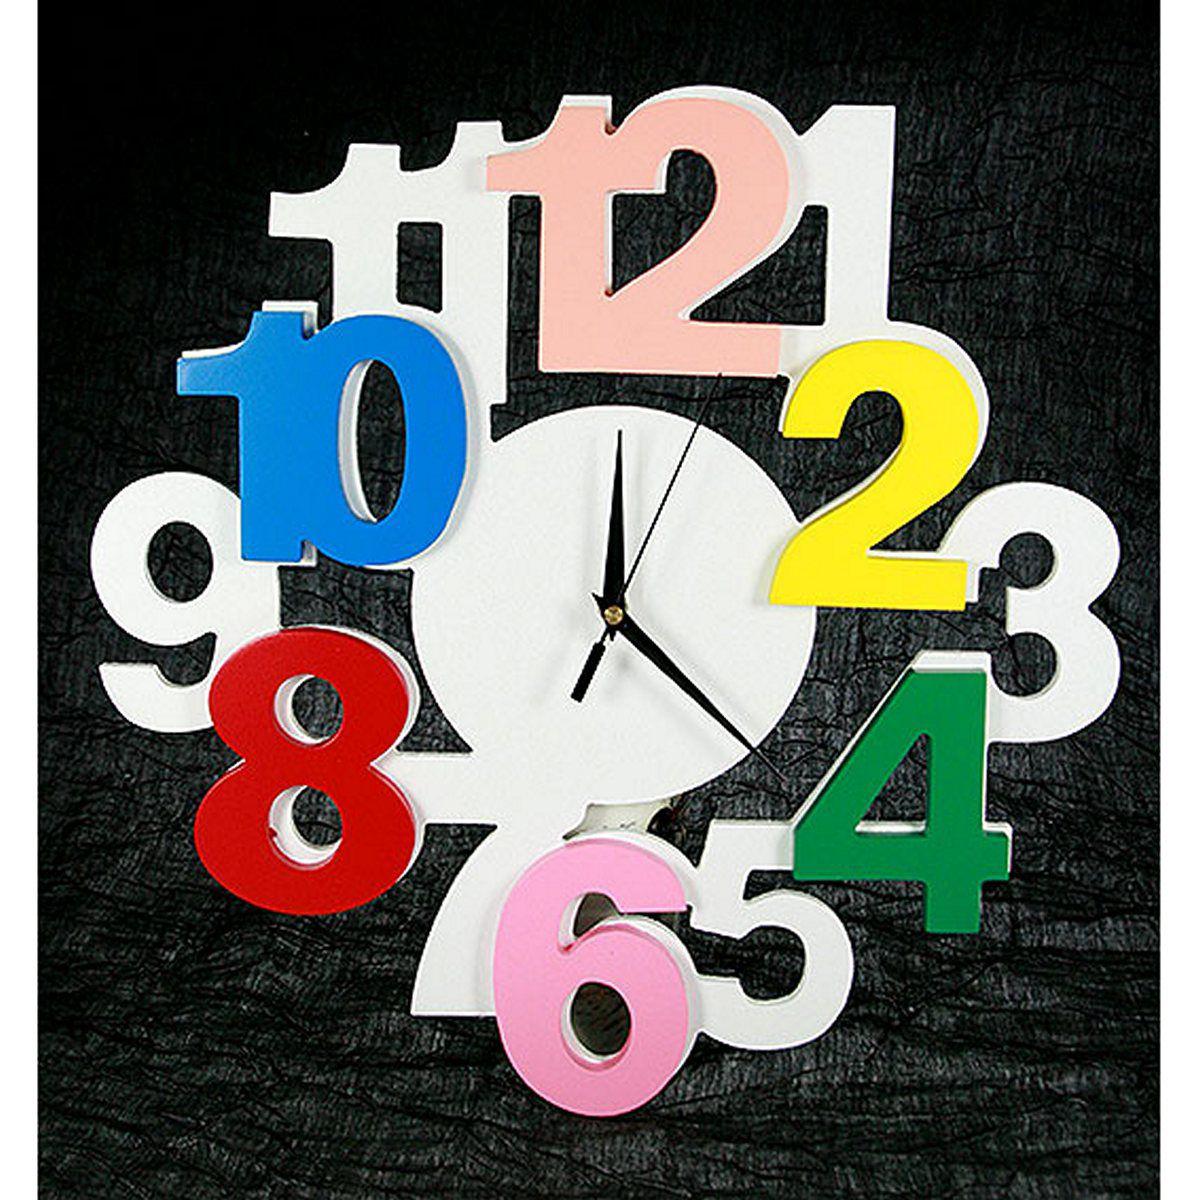 Часы настенные Русские Подарки, диаметр 40 см. 138604138604Настенные кварцевые часы Русские Подарки изготовлены из МДФ. Часы имеют три стрелки - часовую, минутную и секундную. С обратной стороны имеетсяпетелька для подвешивания на стену.Изящные часы красиво и оригинально оформят интерьер дома или офиса. Также часы могут стать уникальным, полезным подарком для родственников, коллег, знакомых и близких.Часы работают от батареек типа АА (в комплект не входят).